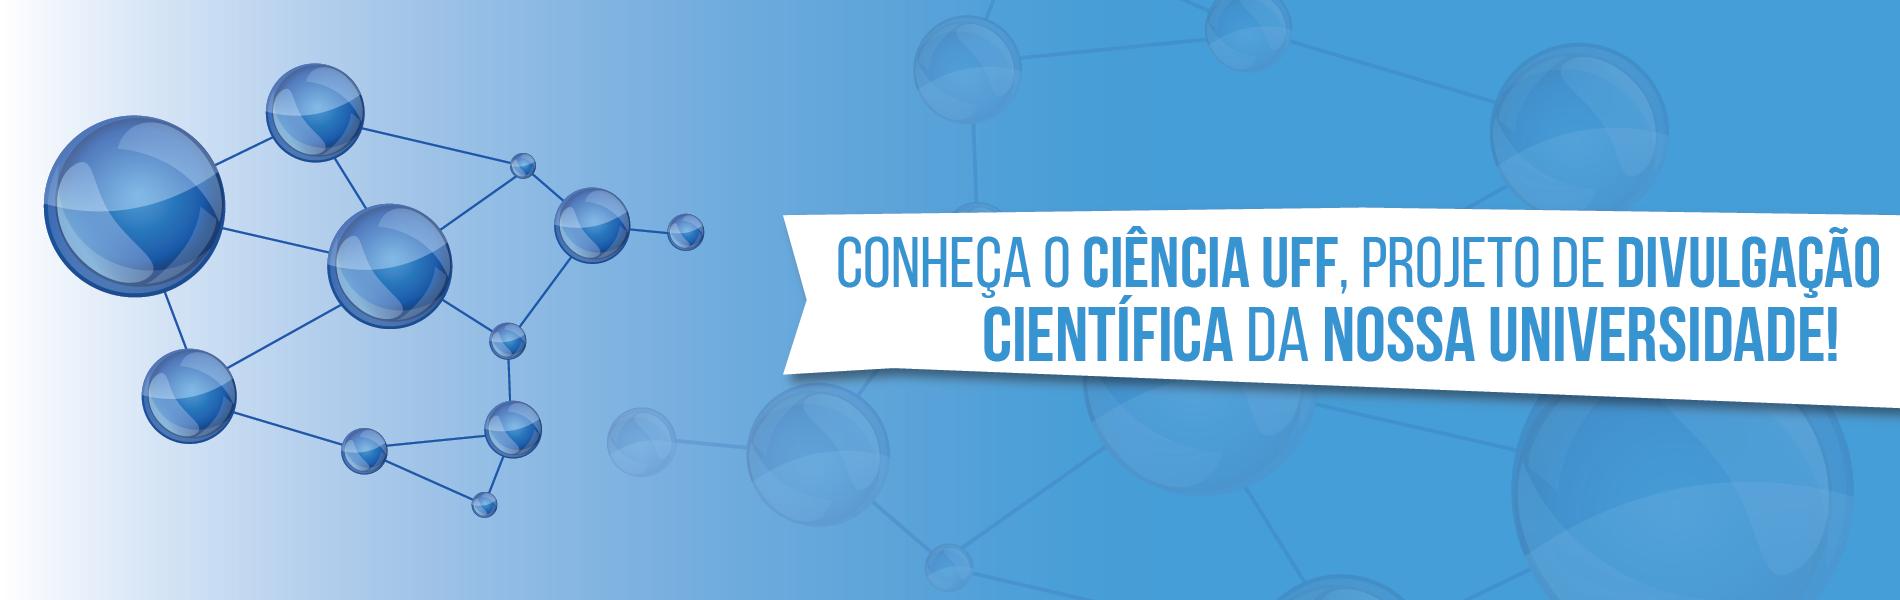 Banner com fundo nas cores azuis e desenho de moléculas